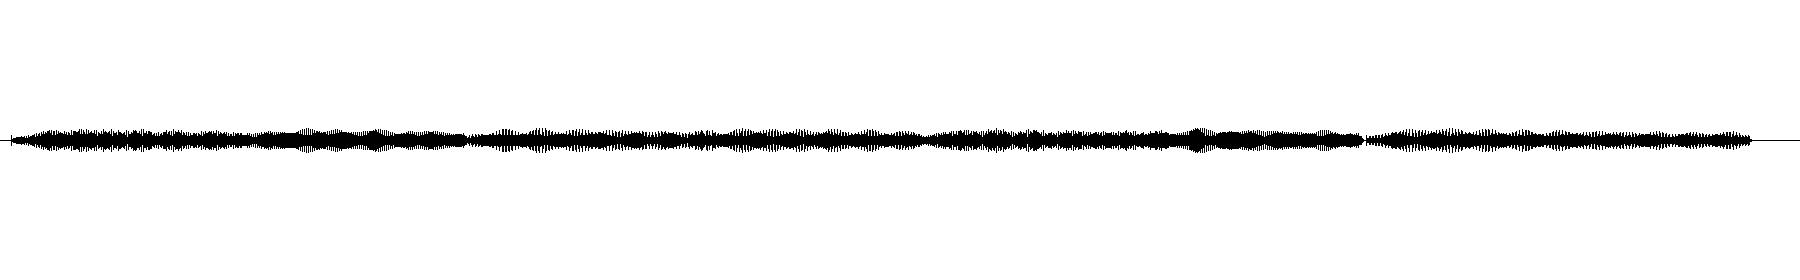 melancholic orgel